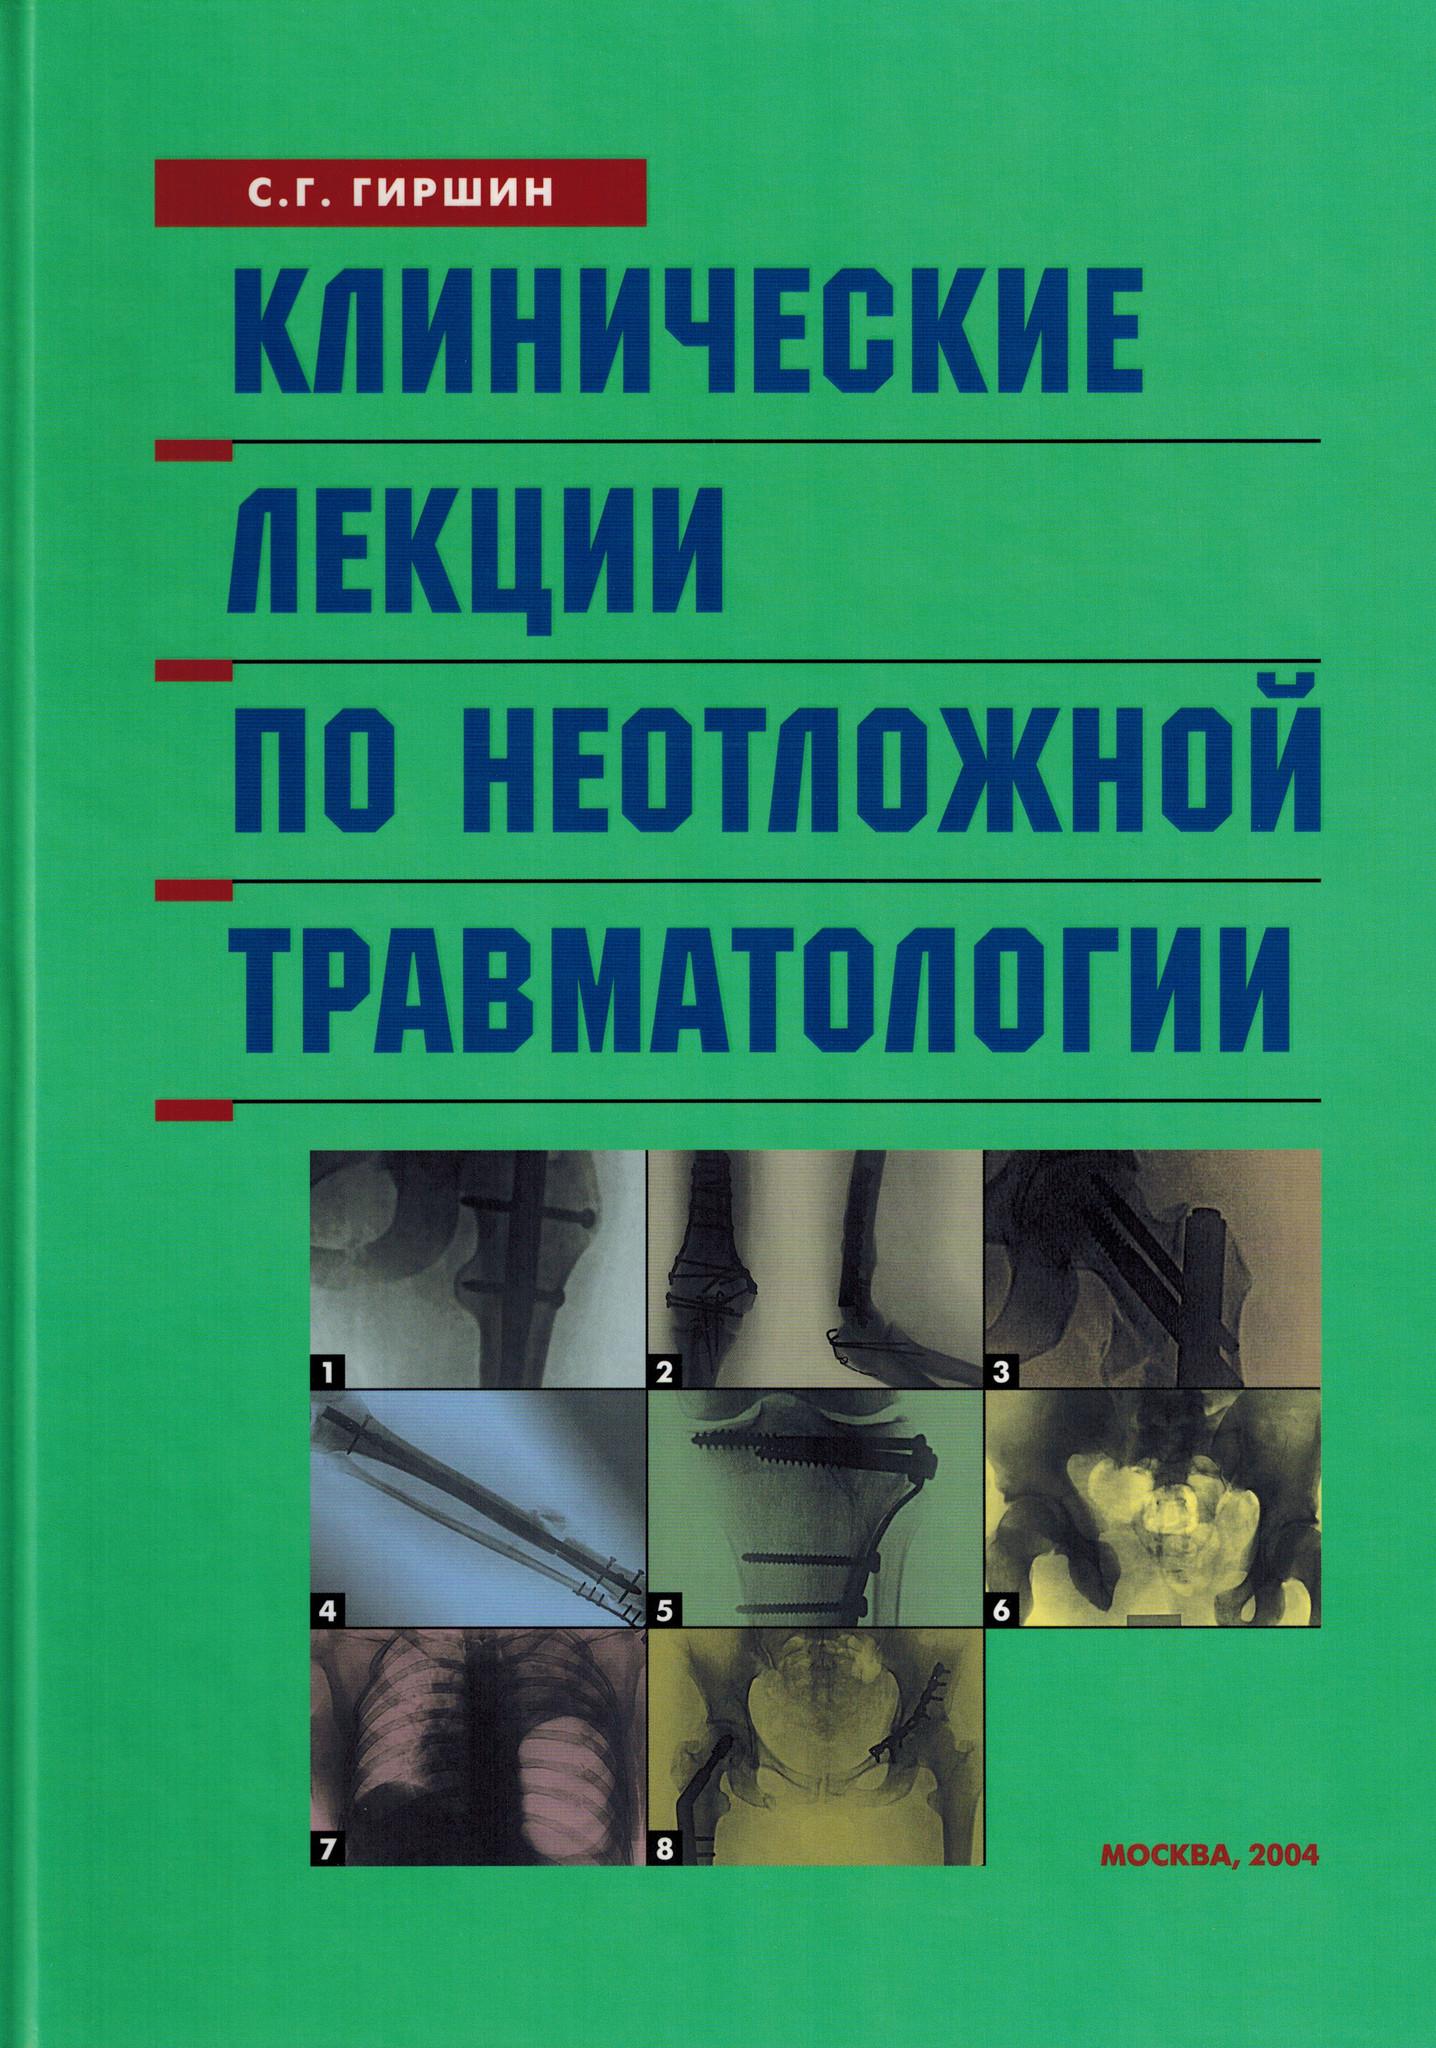 Травматология и Ортопедия Клинические лекции по неотложной травматологии klnt.jpg